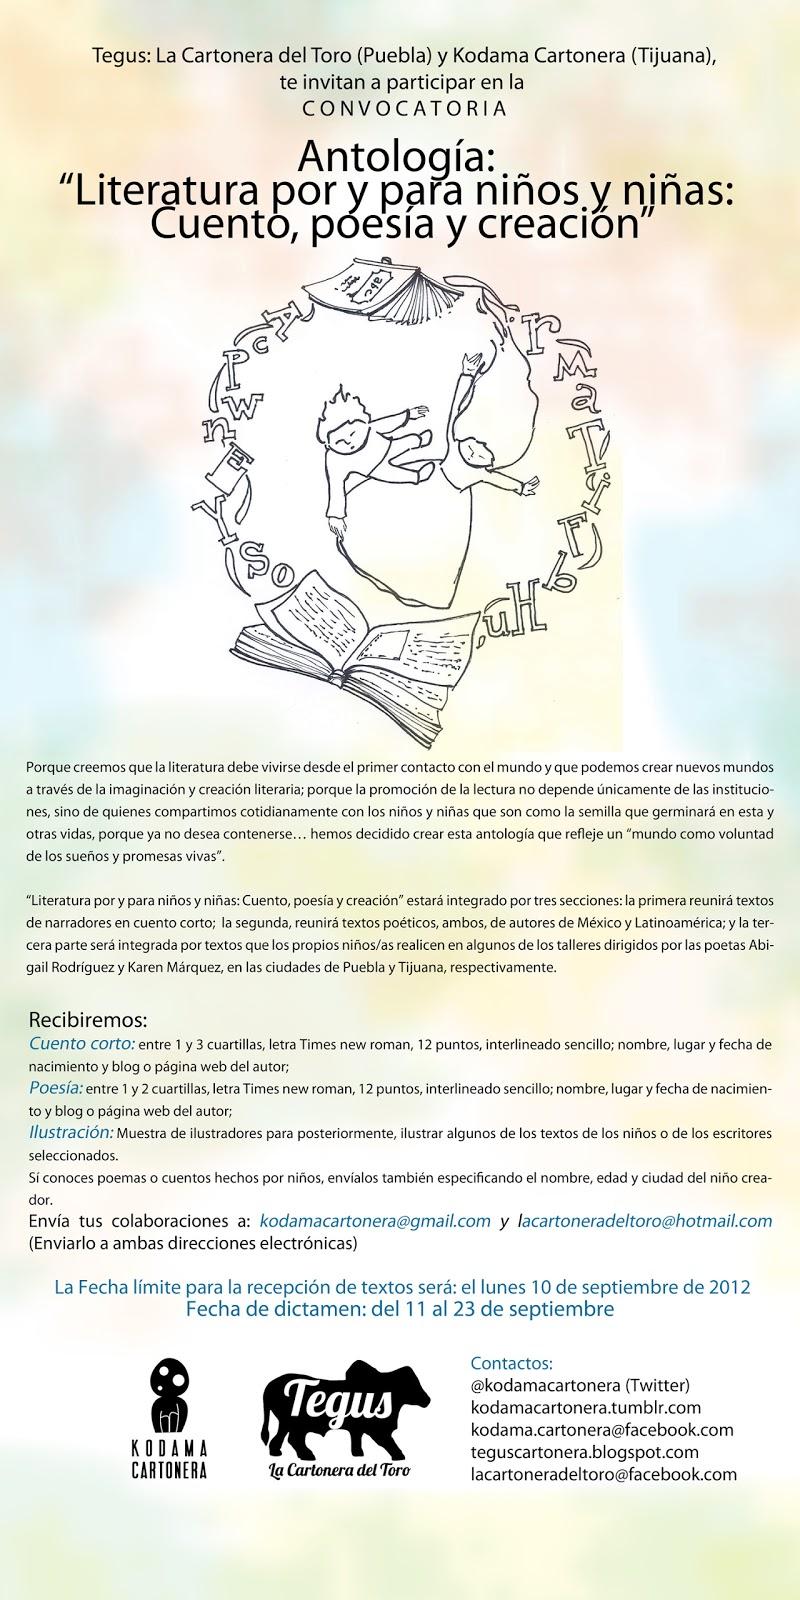 Tegus, La cartonera del Toro: agosto 2012